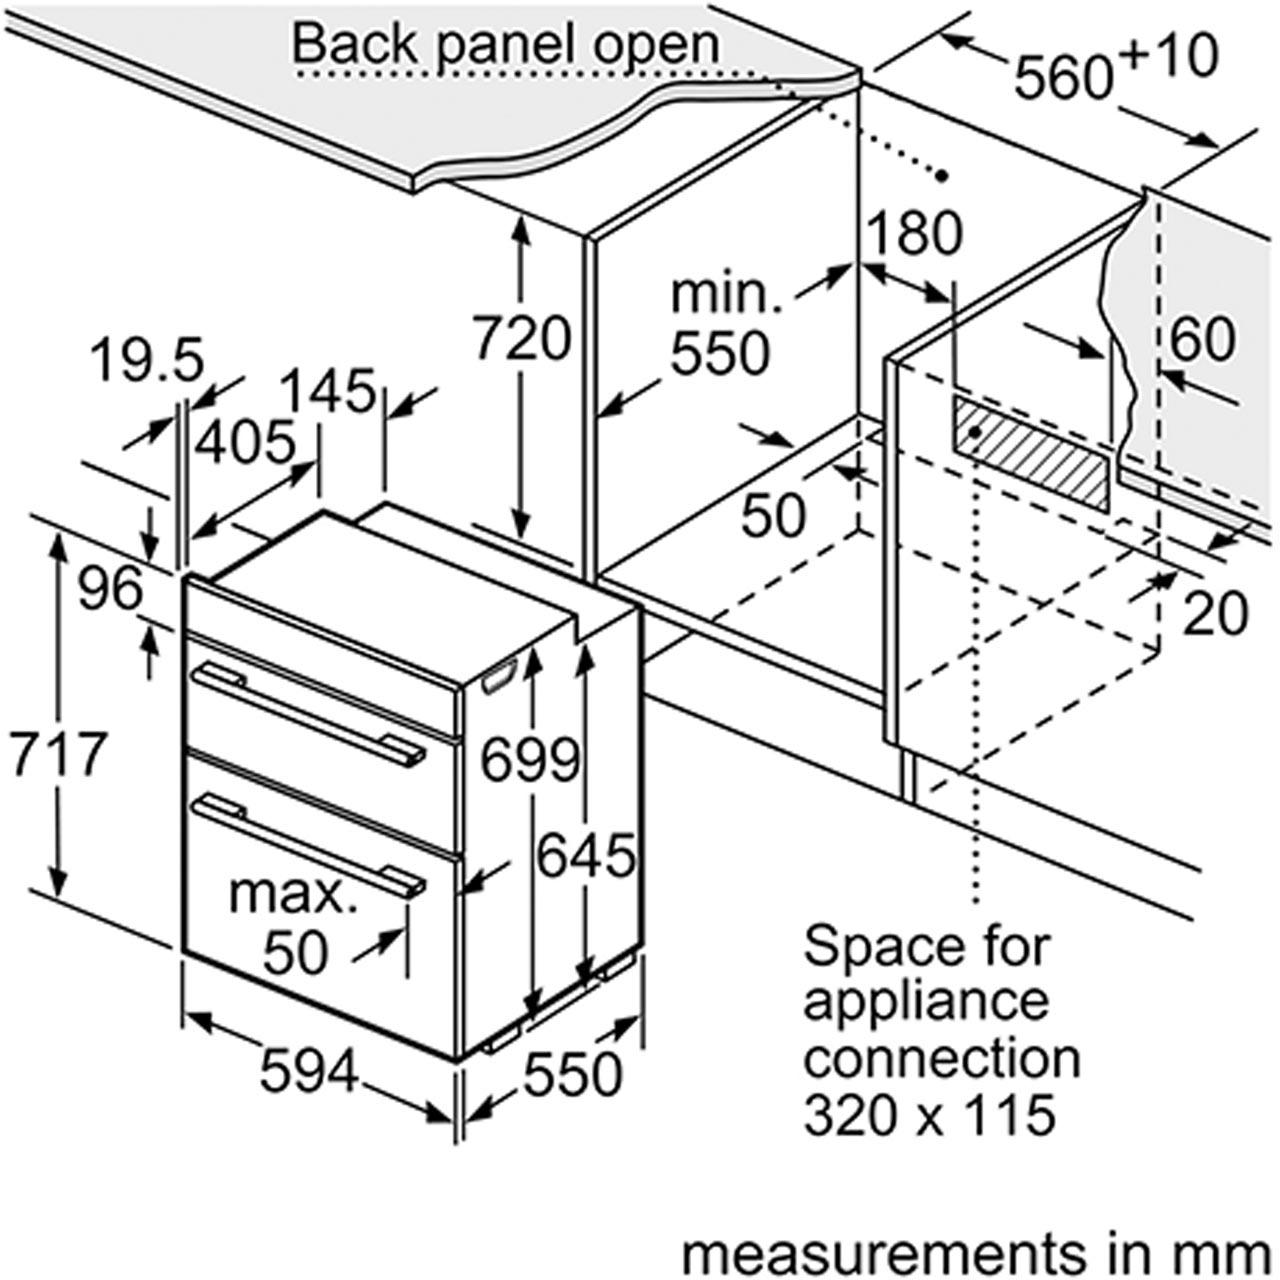 Bosch dishwasher wiring diagram bosch organizational chart of a